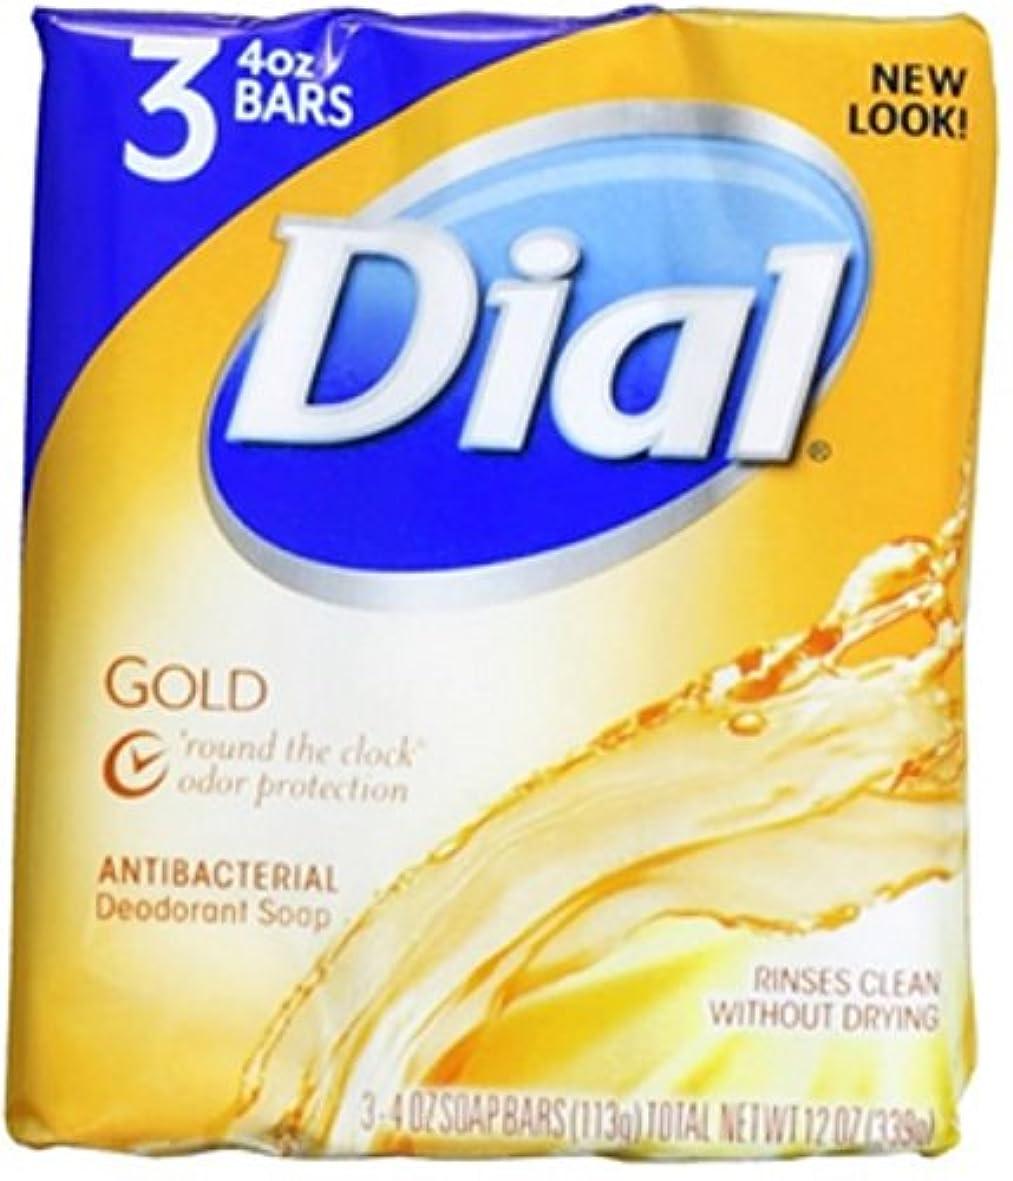 和らげる遠足引き潮Dial 抗菌消臭石鹸バー、ゴールド、4つのオズバー、3 Eaは(6パック)